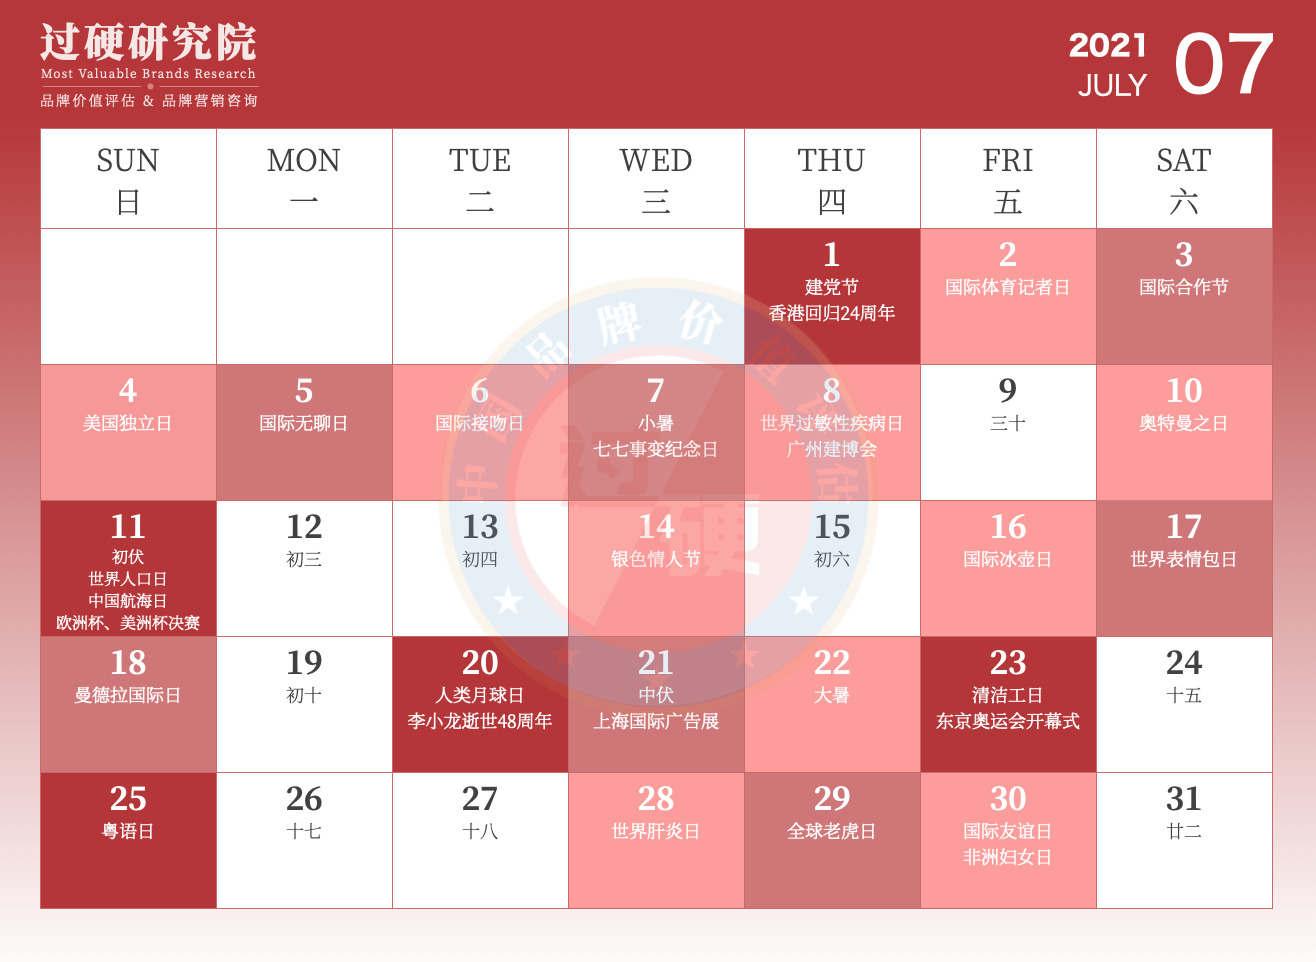 过硬2021年7月营销日历